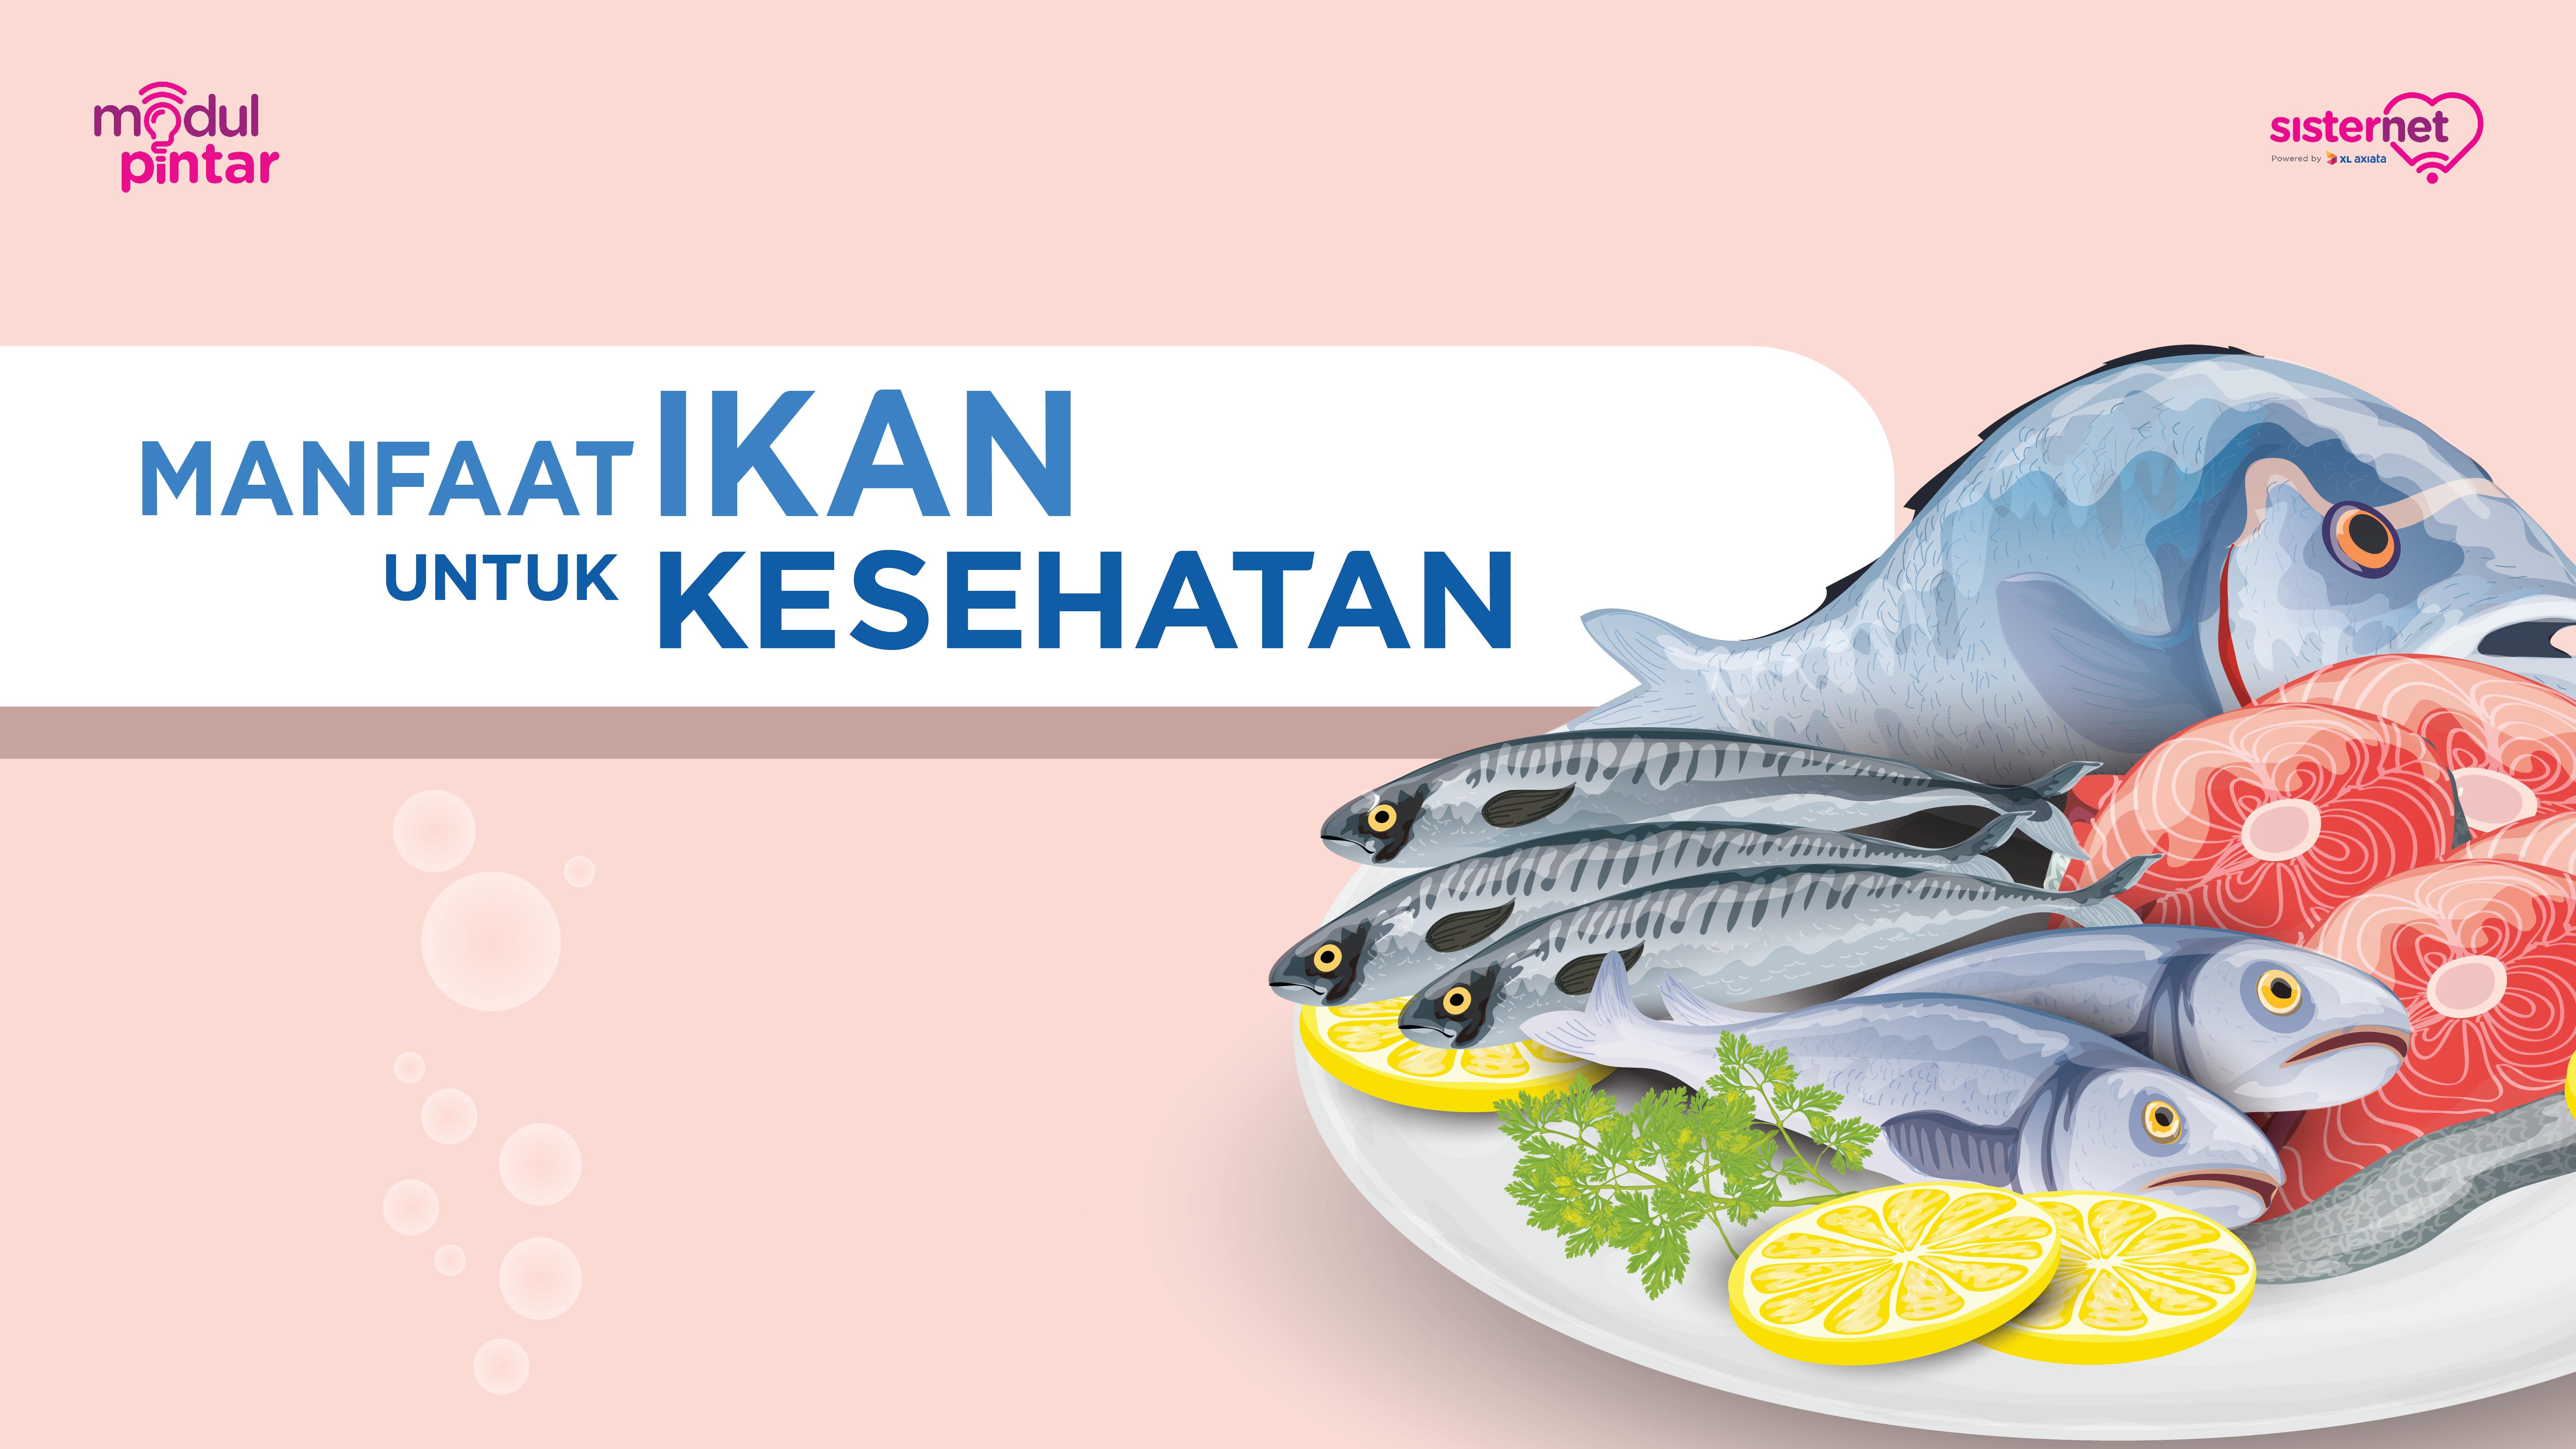 Manfaat Ikan Untuk Kesehatan